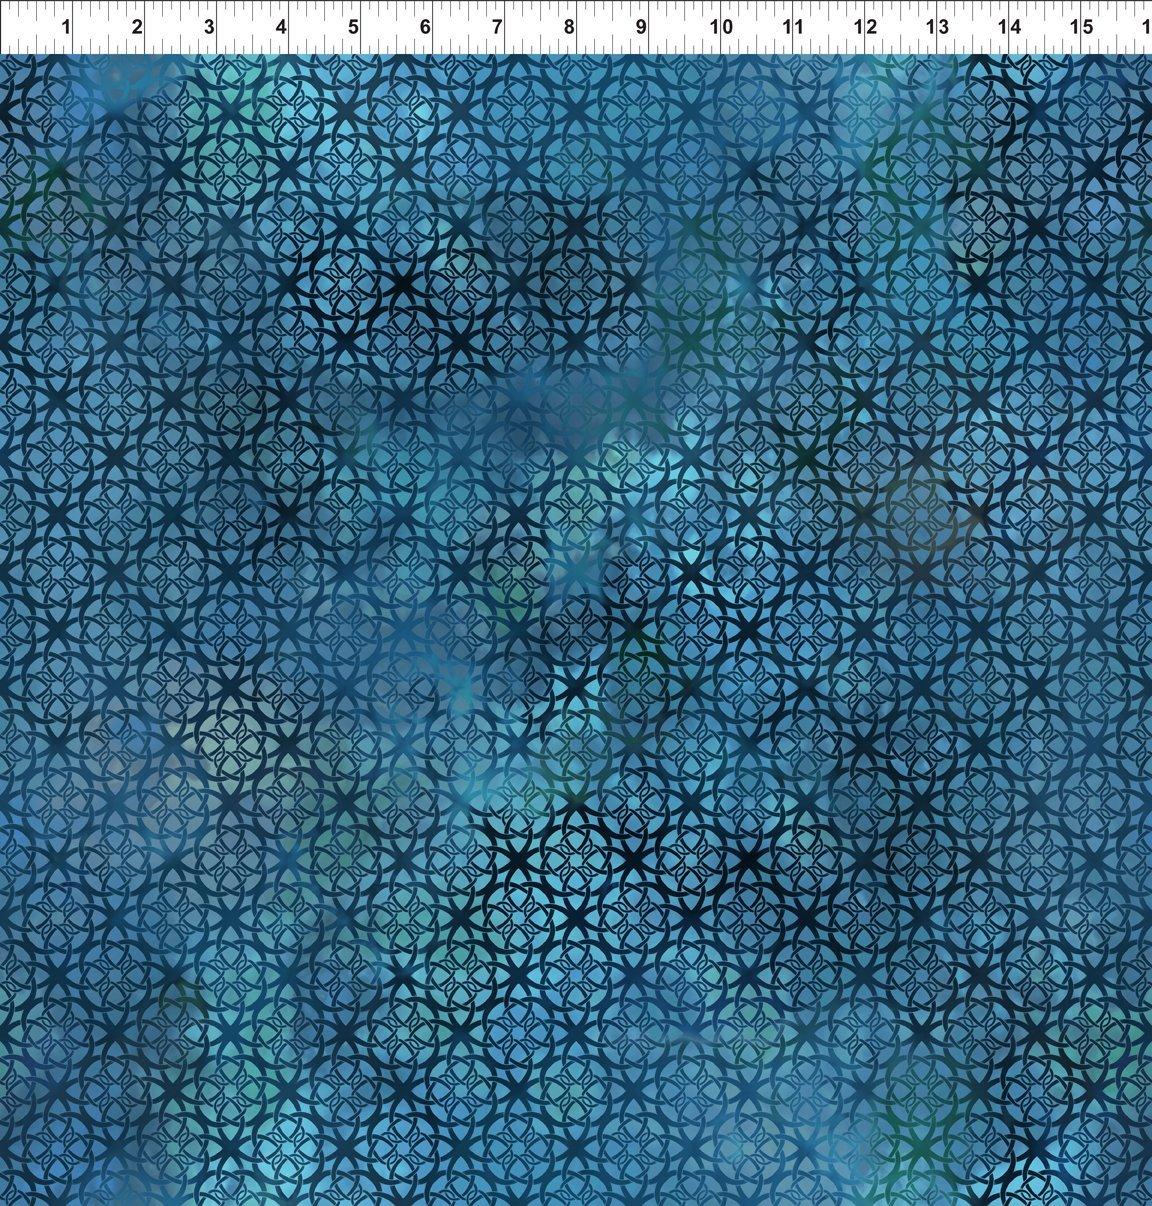 7ENC-3 Turquoise Trellis Diaphanous